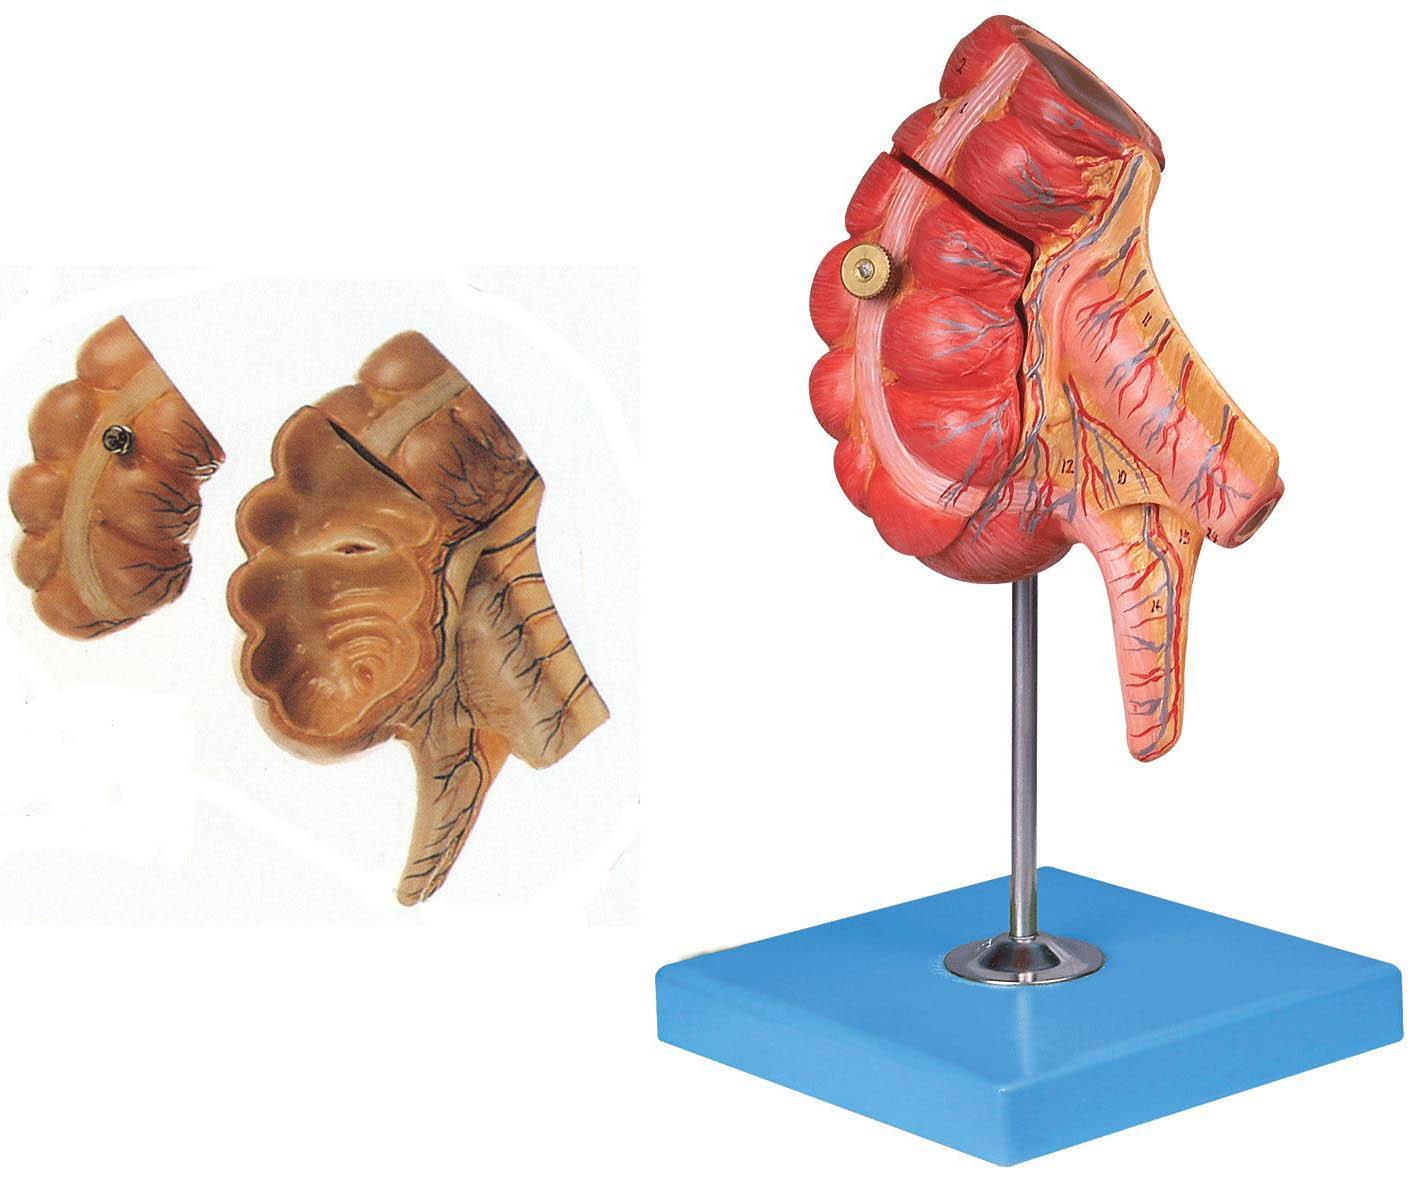 盲肠和阑尾解剖模型,盲肠和阑尾模型A12006-找上海佳悦,专业生产厂家